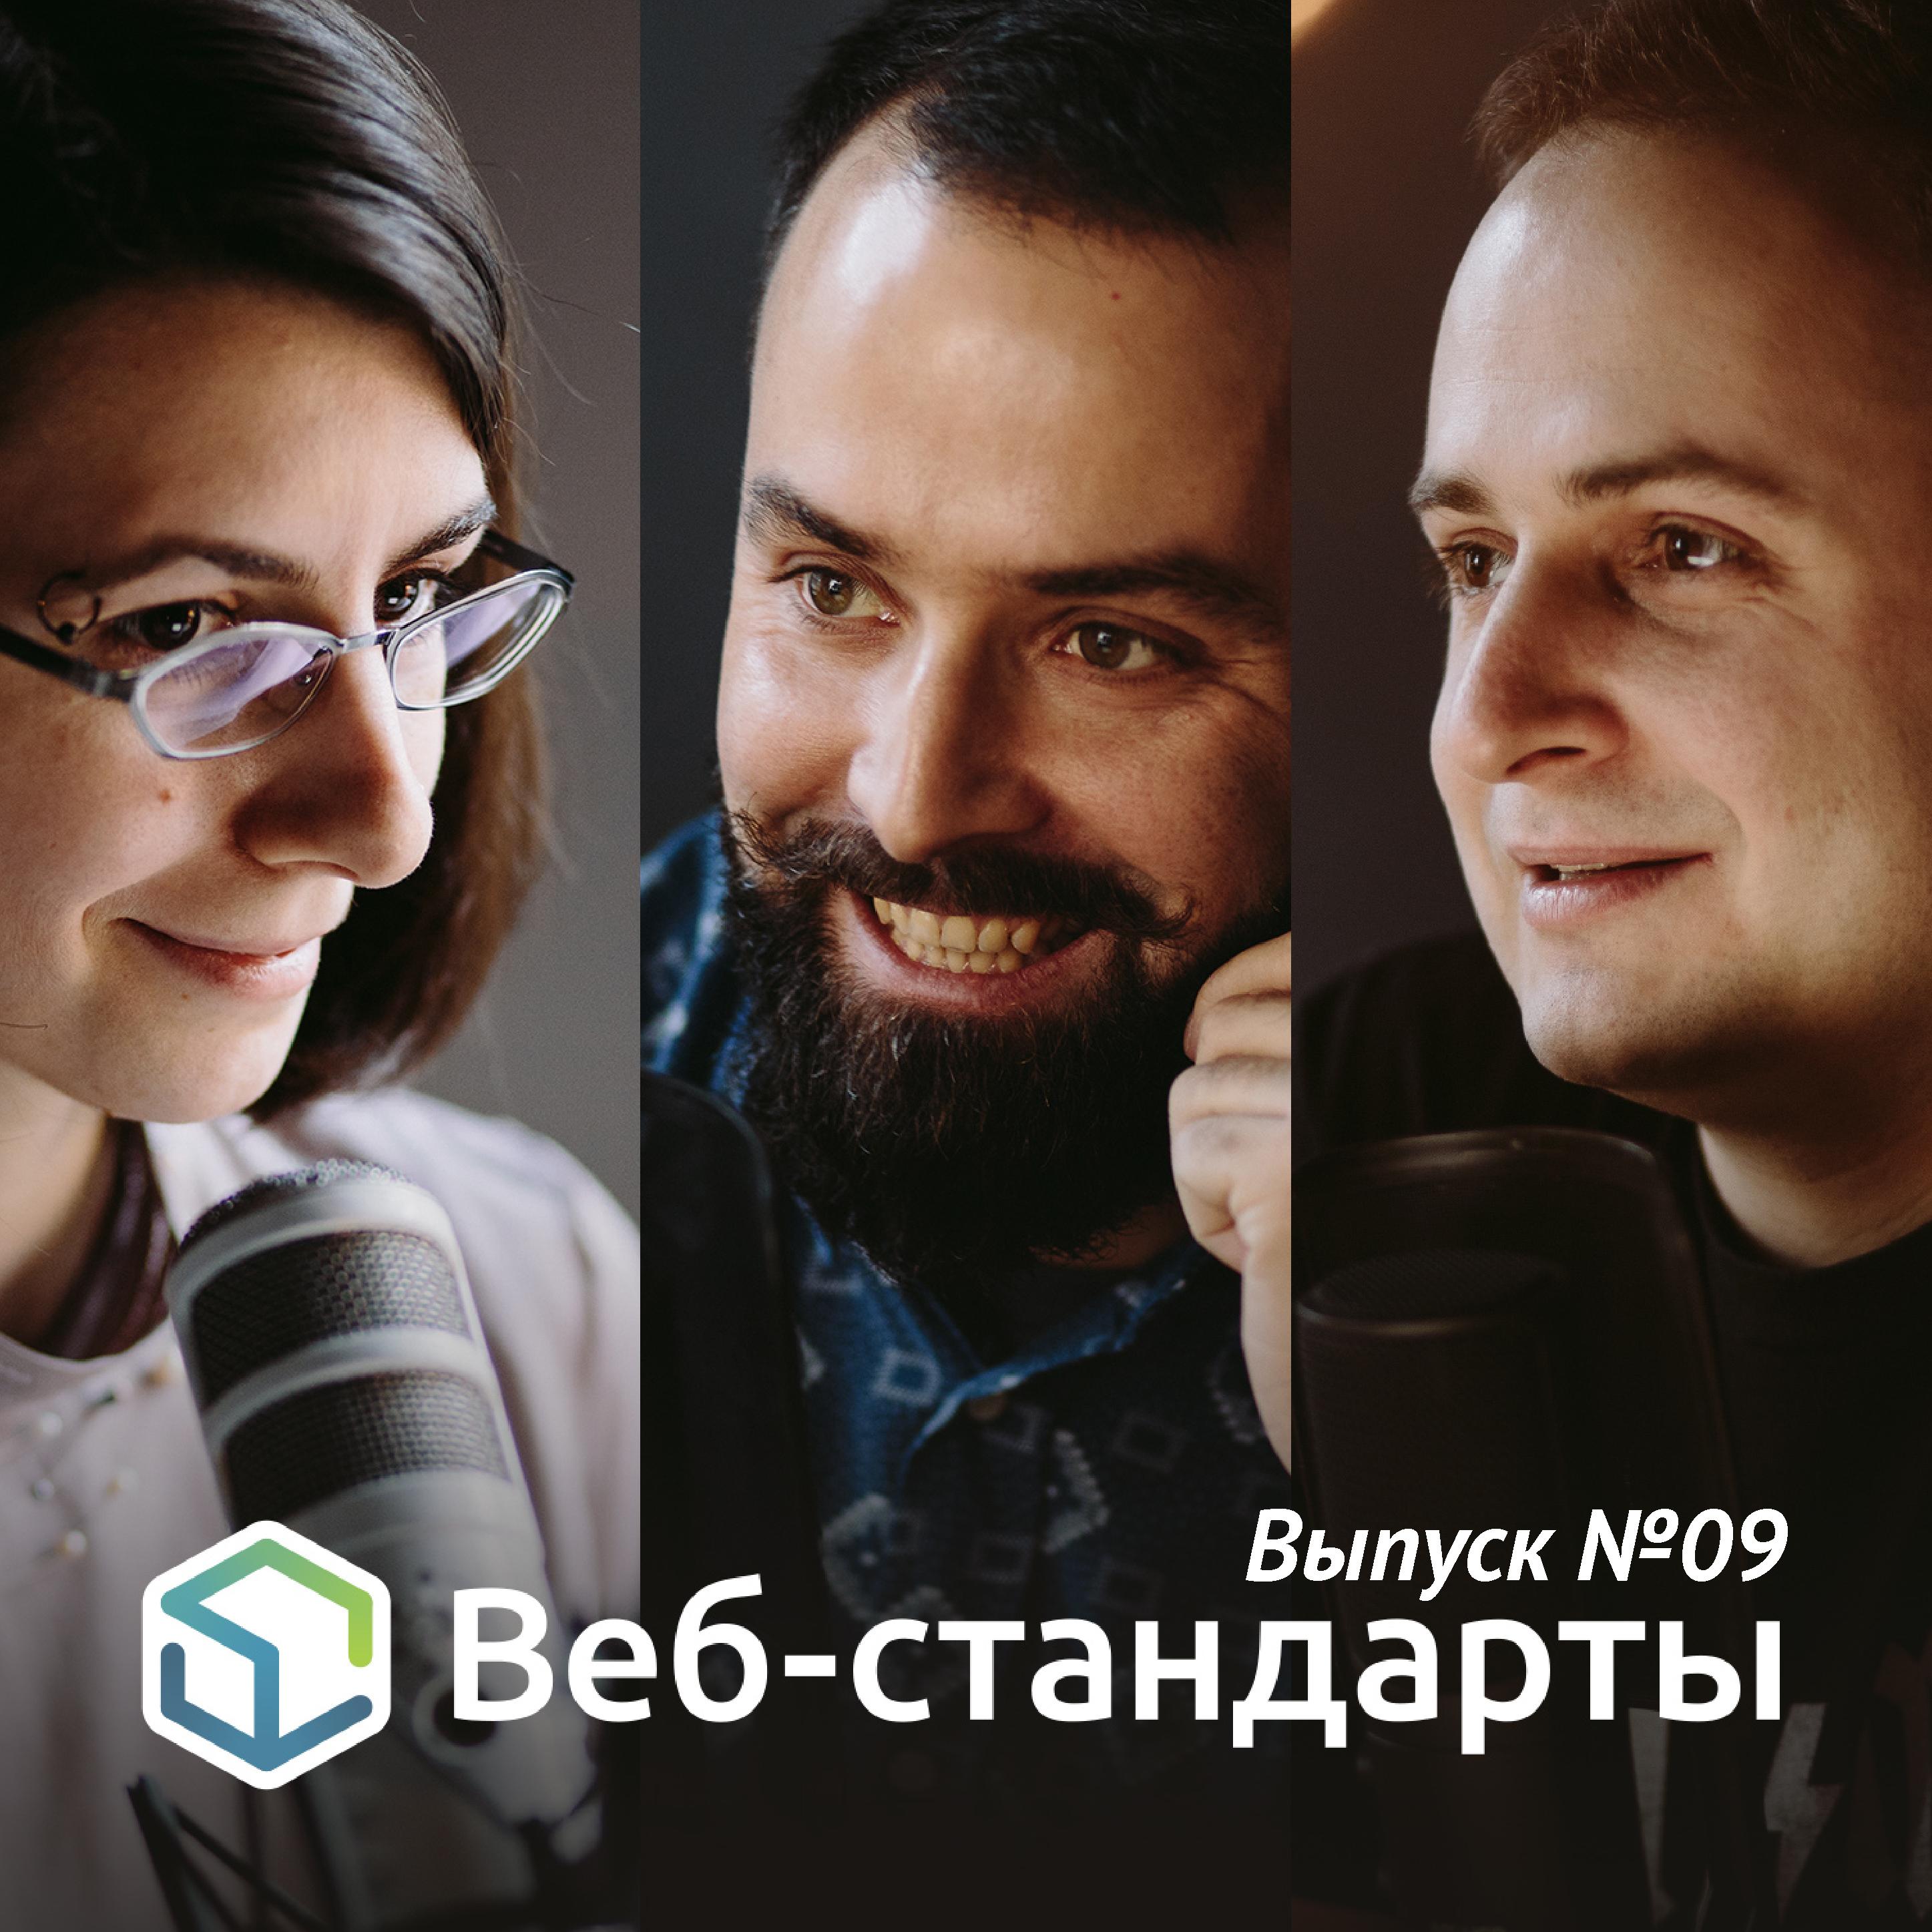 Алексей Симоненко Выпуск №09 алексей симоненко выпуск 66